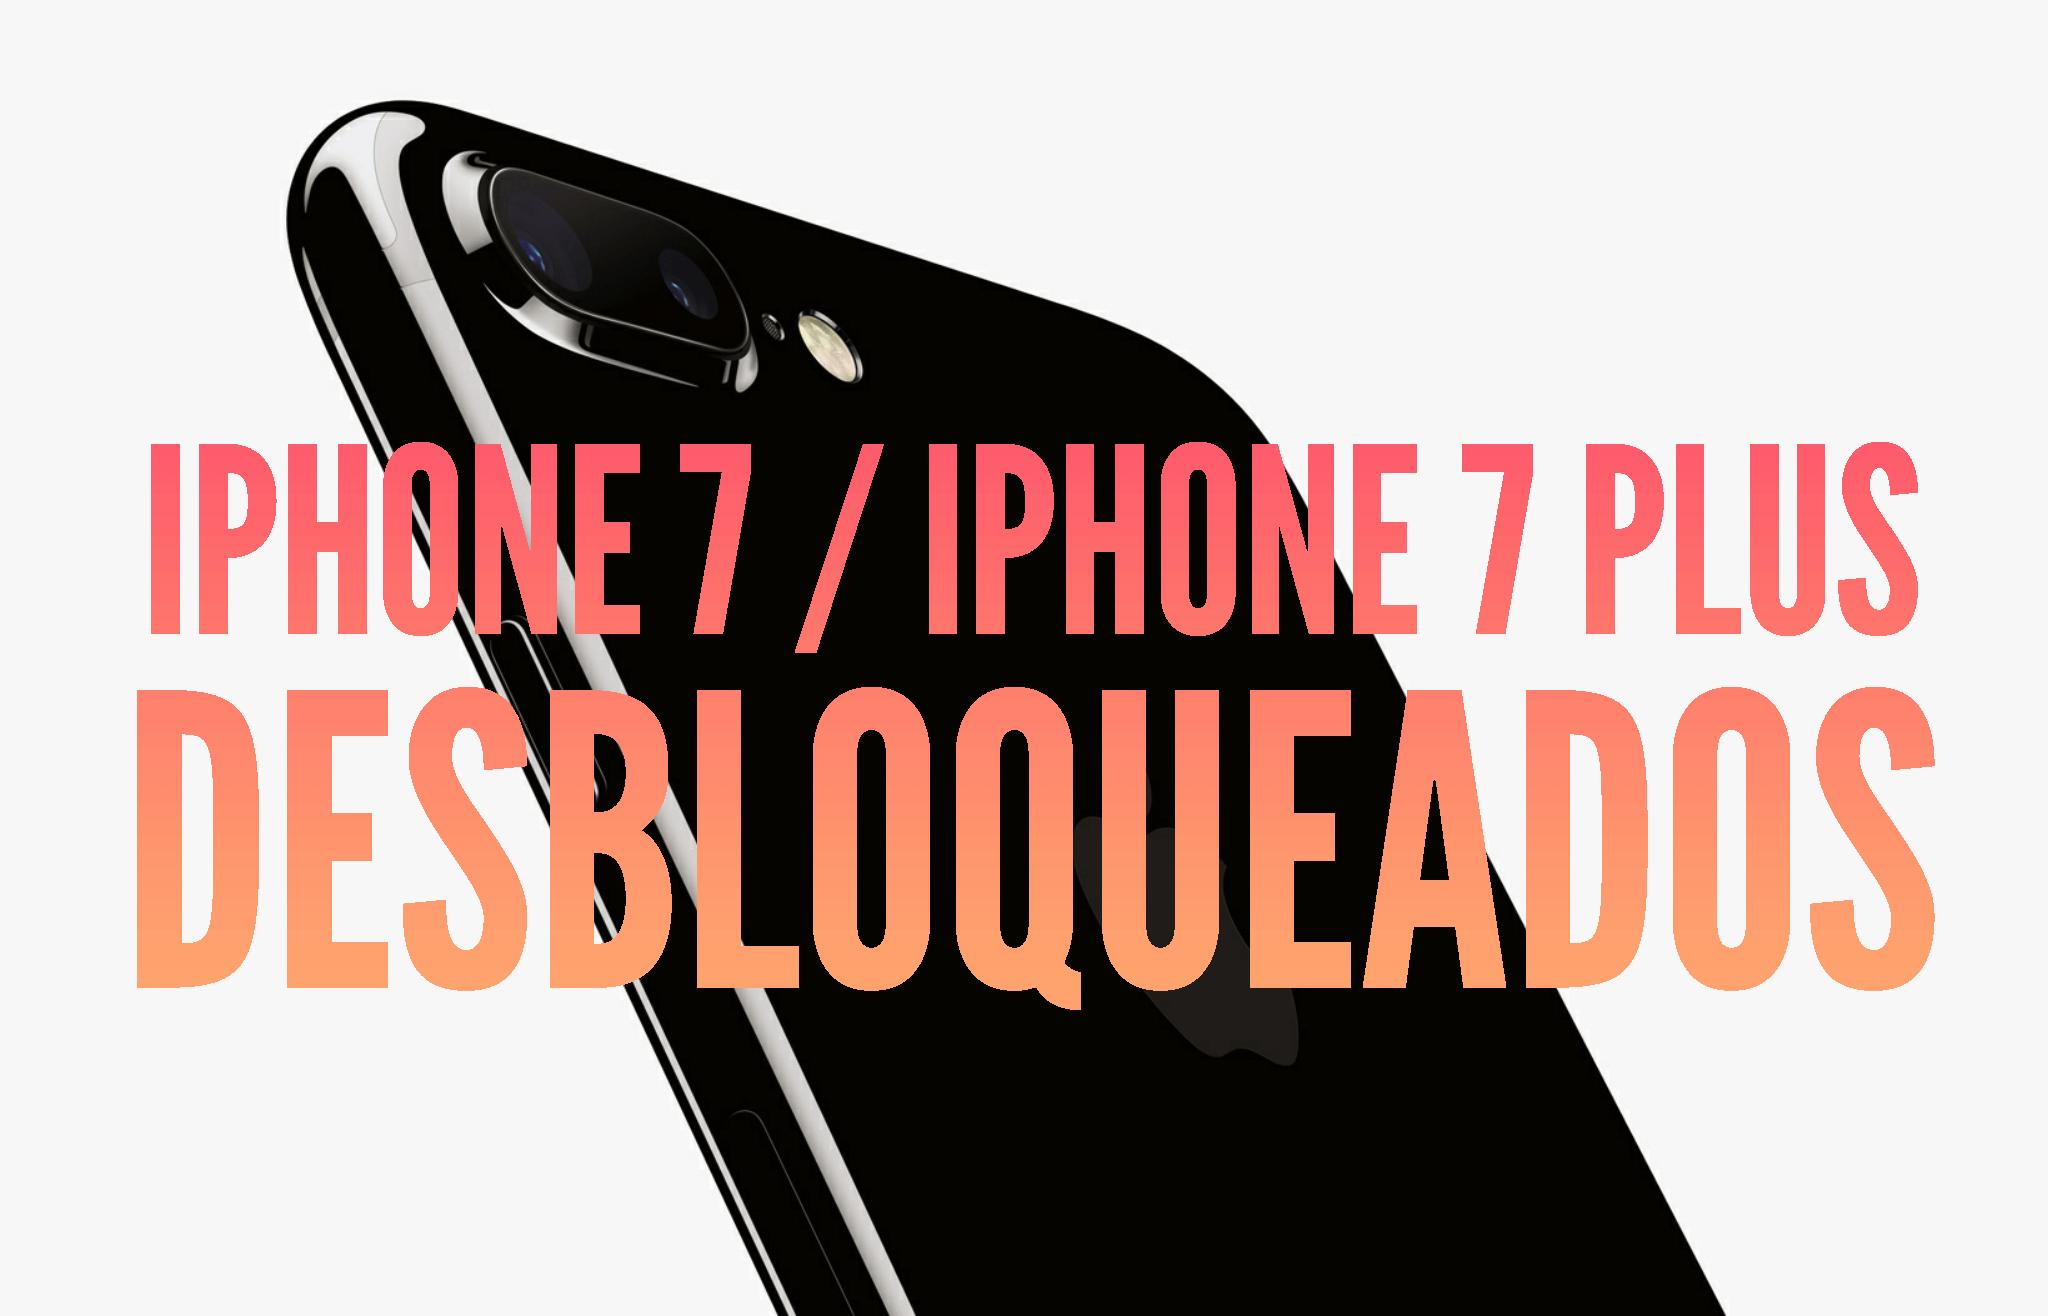 wordswag 1476443790902 - Apple começa a vender iPhone 7 e iPhone 7 Plus desbloqueados